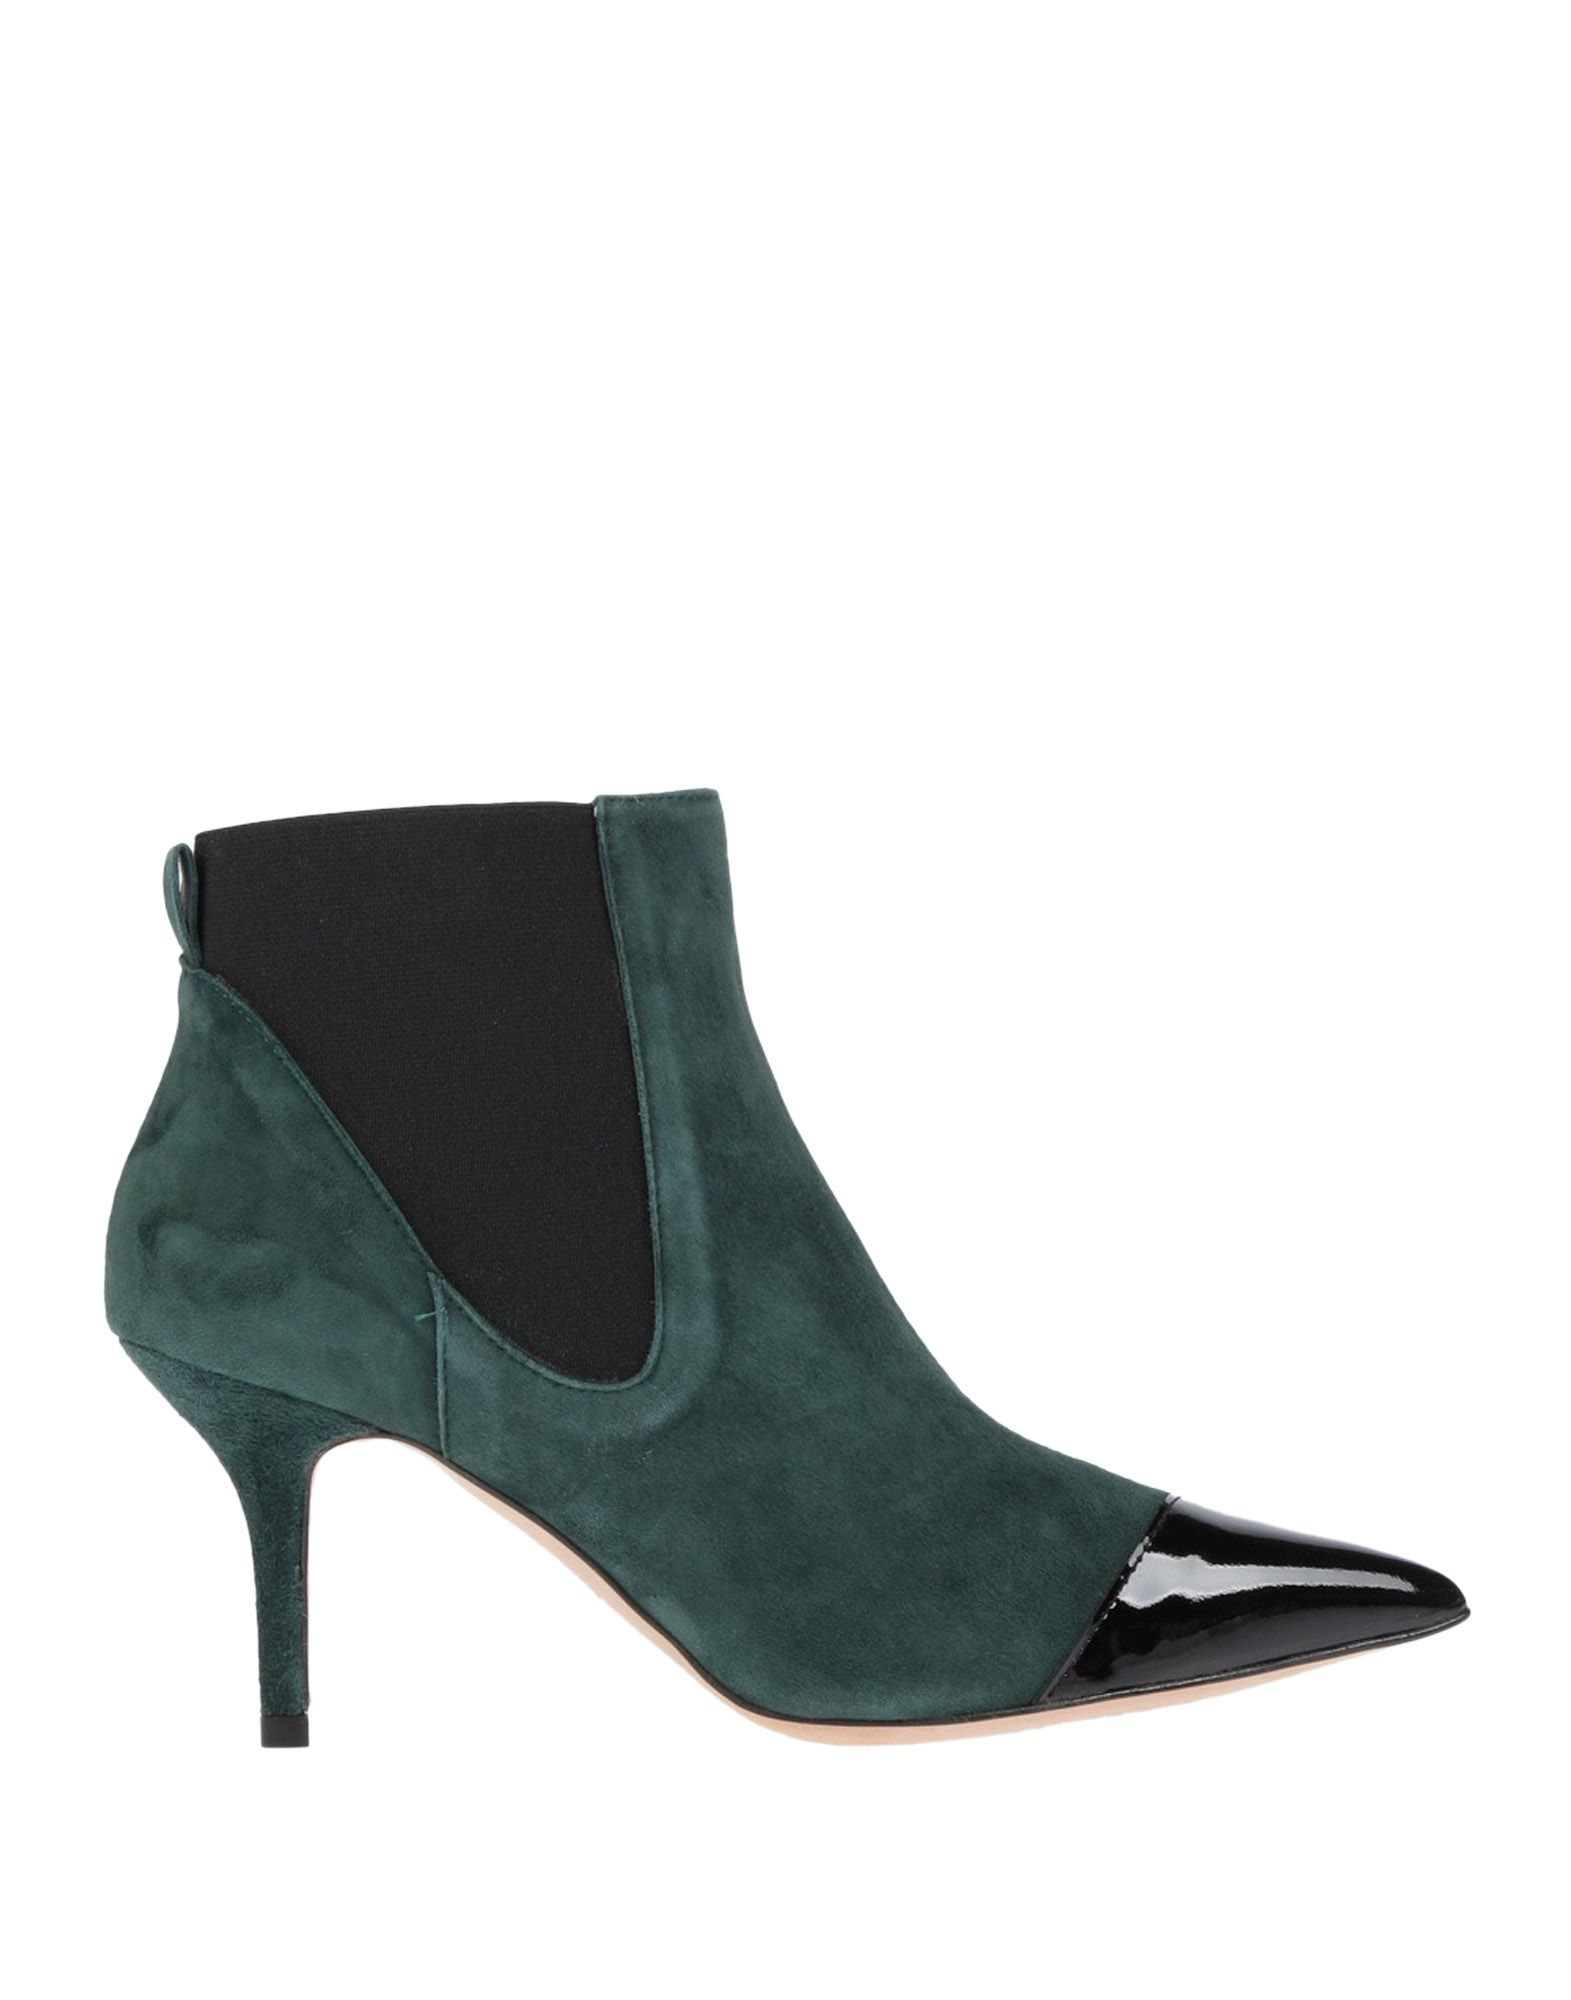 Hannibal Laguna Chelsea Boots Damen  11541771GG Gute Qualität beliebte Schuhe